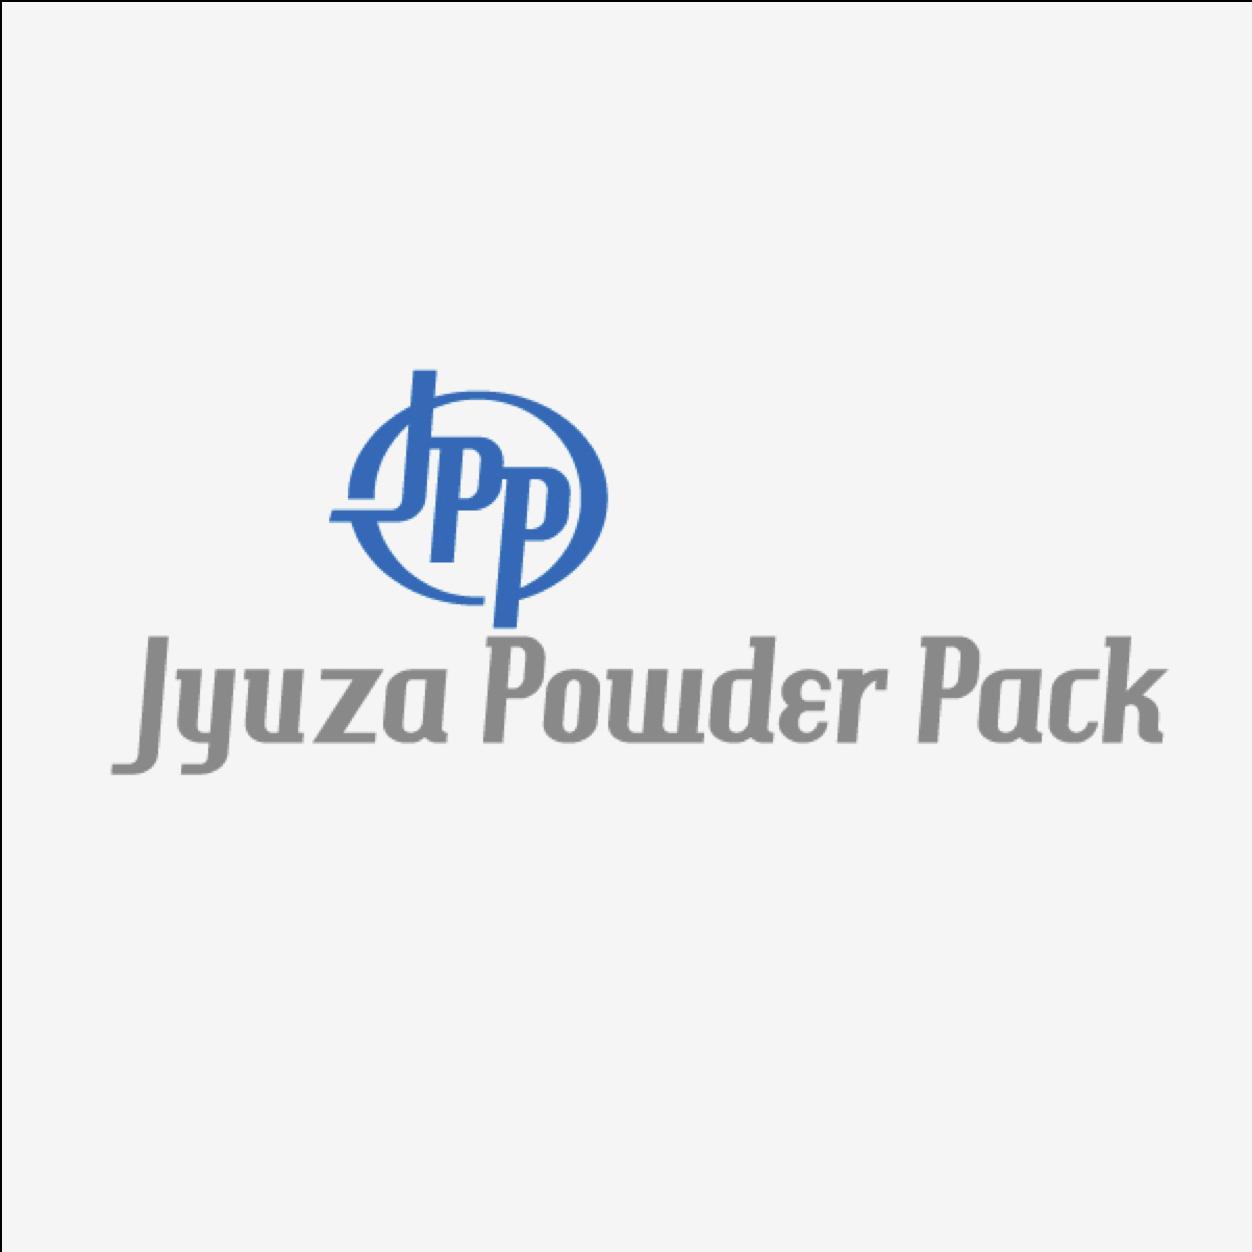 ジューザパウダーパック ロゴデザイン